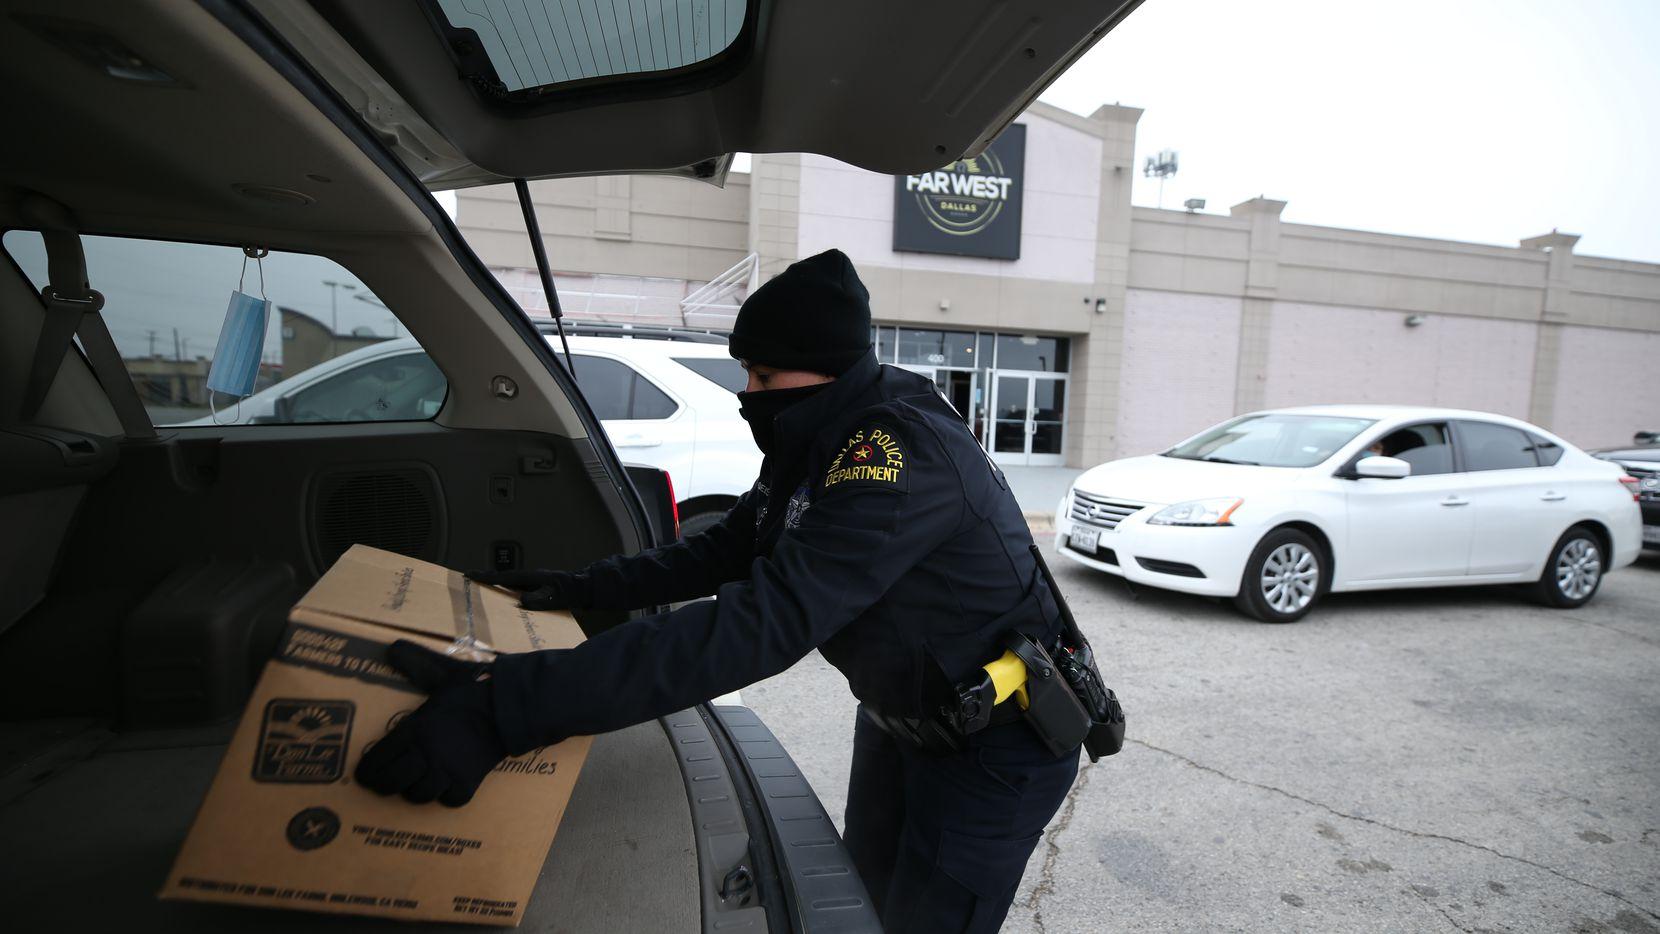 El programa Unidos de la policía de Dallas está repartiendo más de 500 despensas el miércoles en Pleasant Grove.